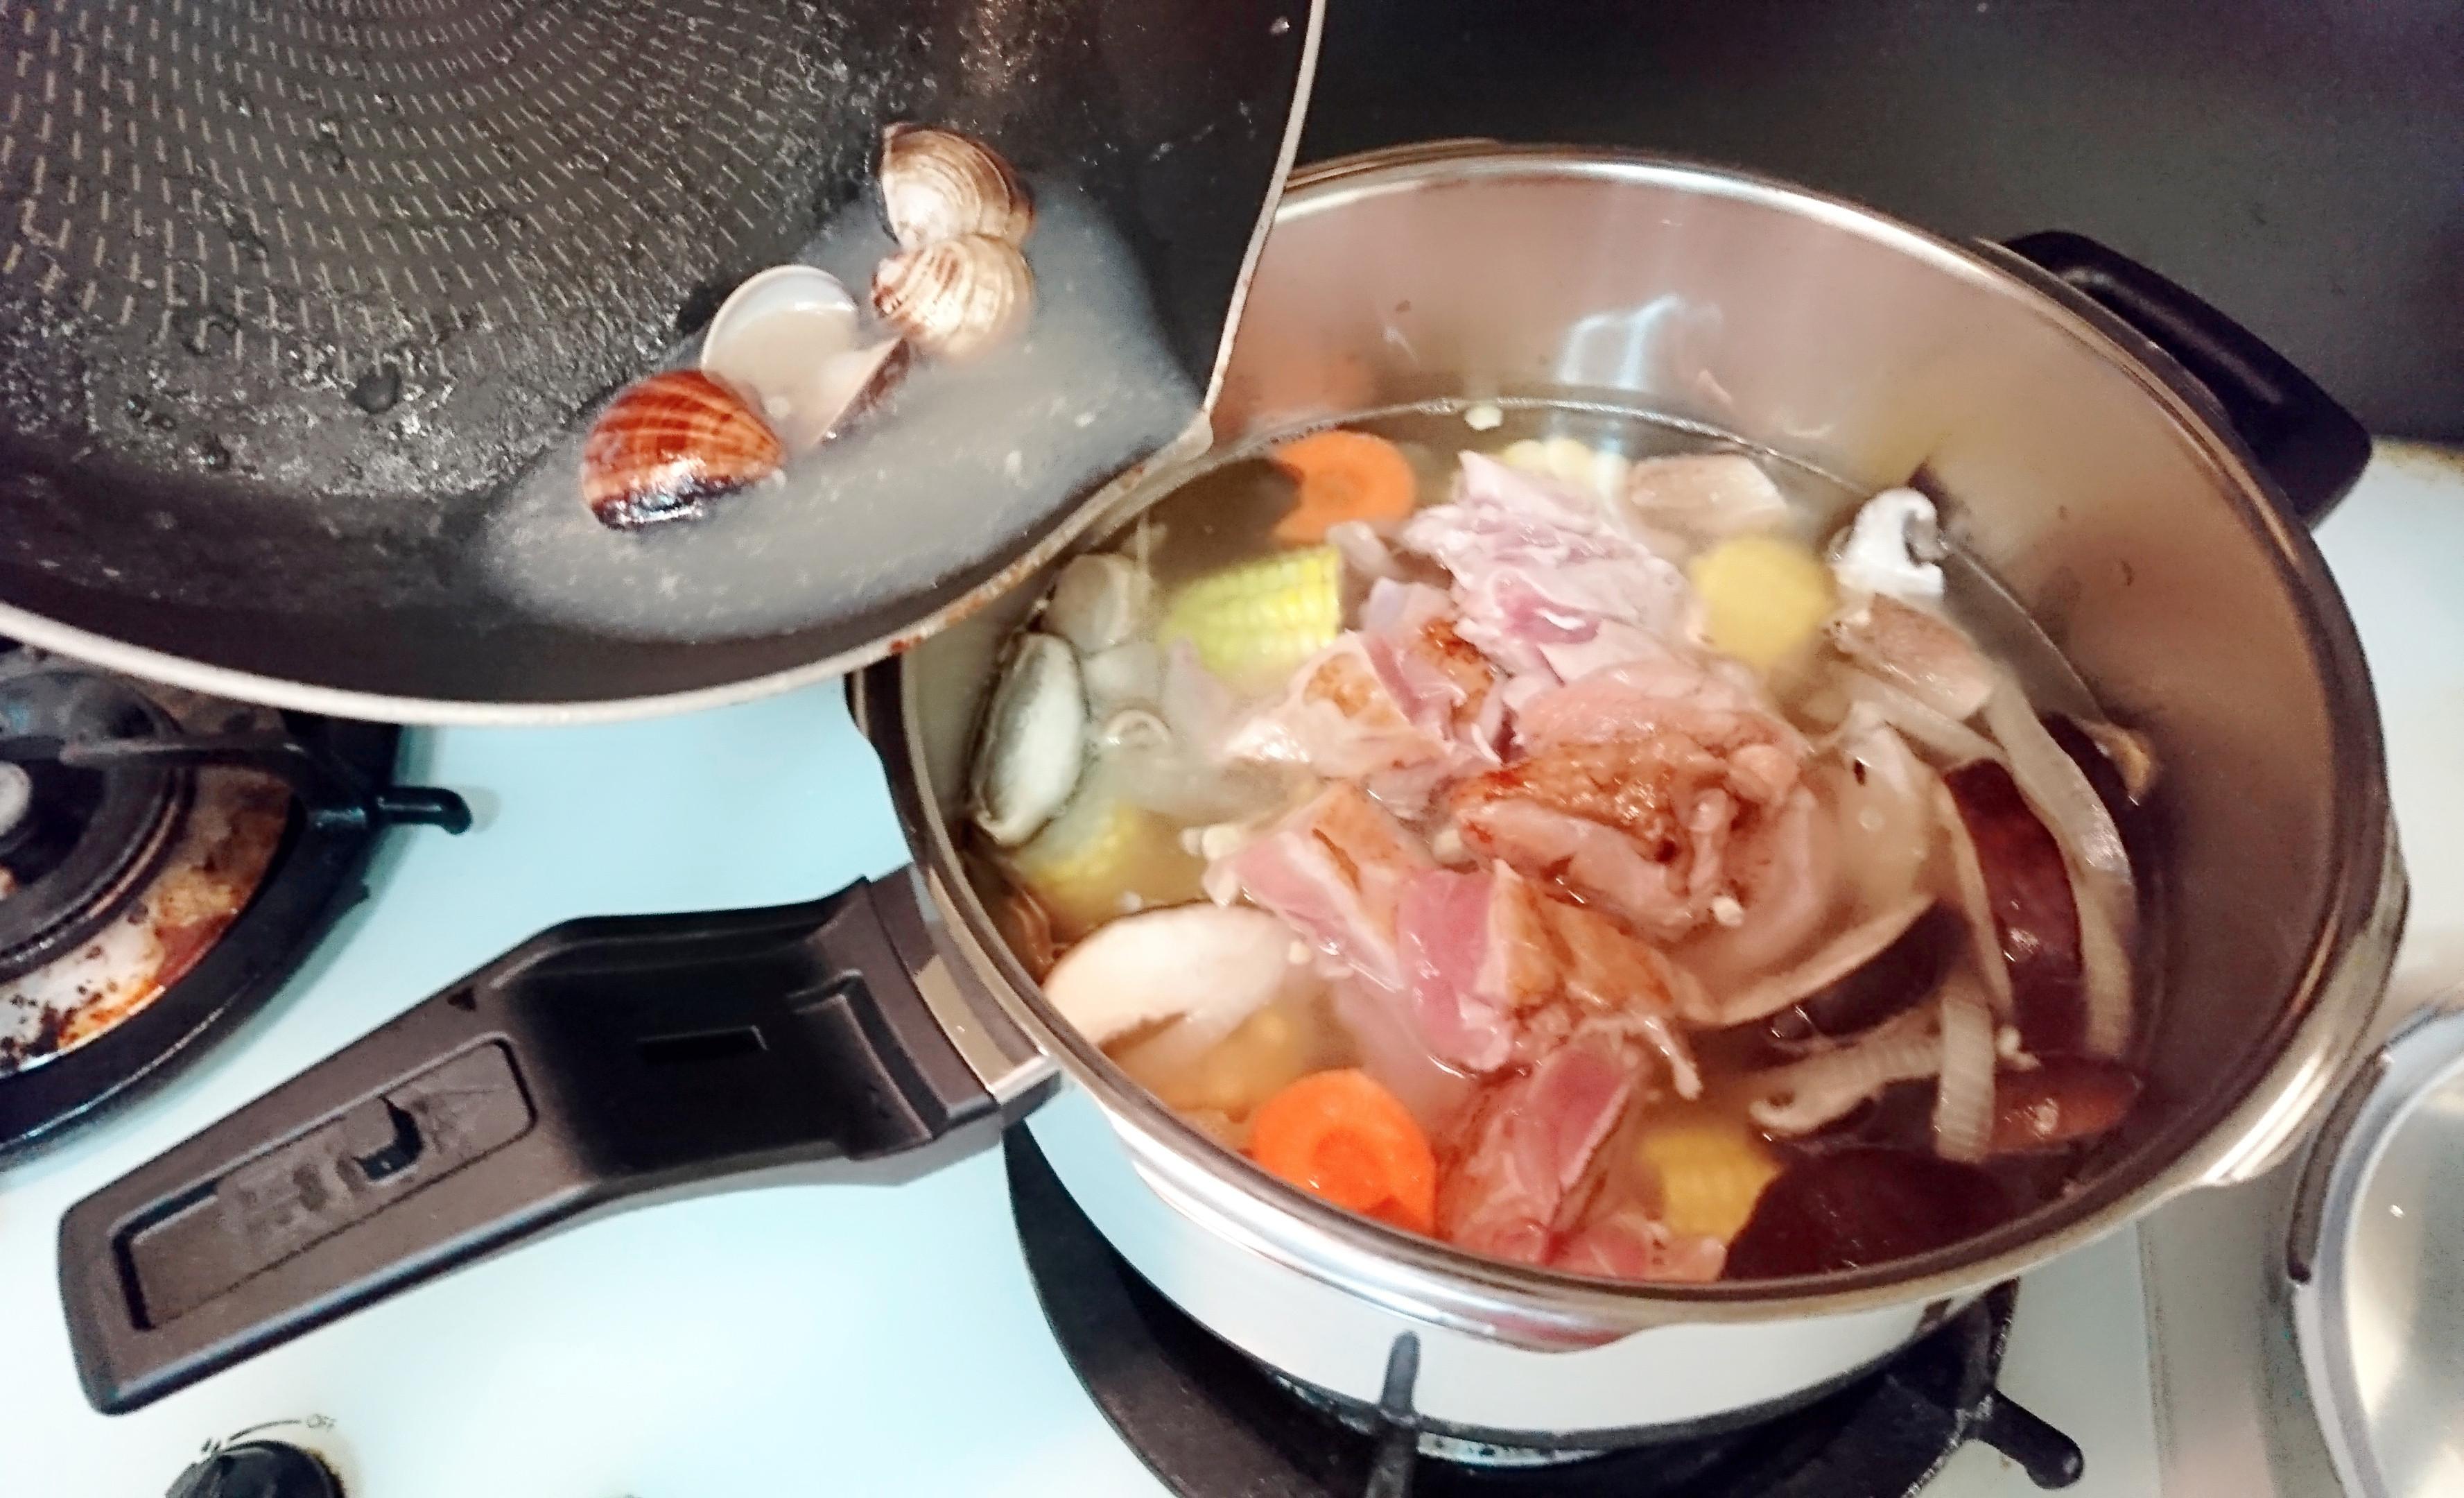 元氣雞湯 - WMF PRO 快力鍋的第 5 張圖片